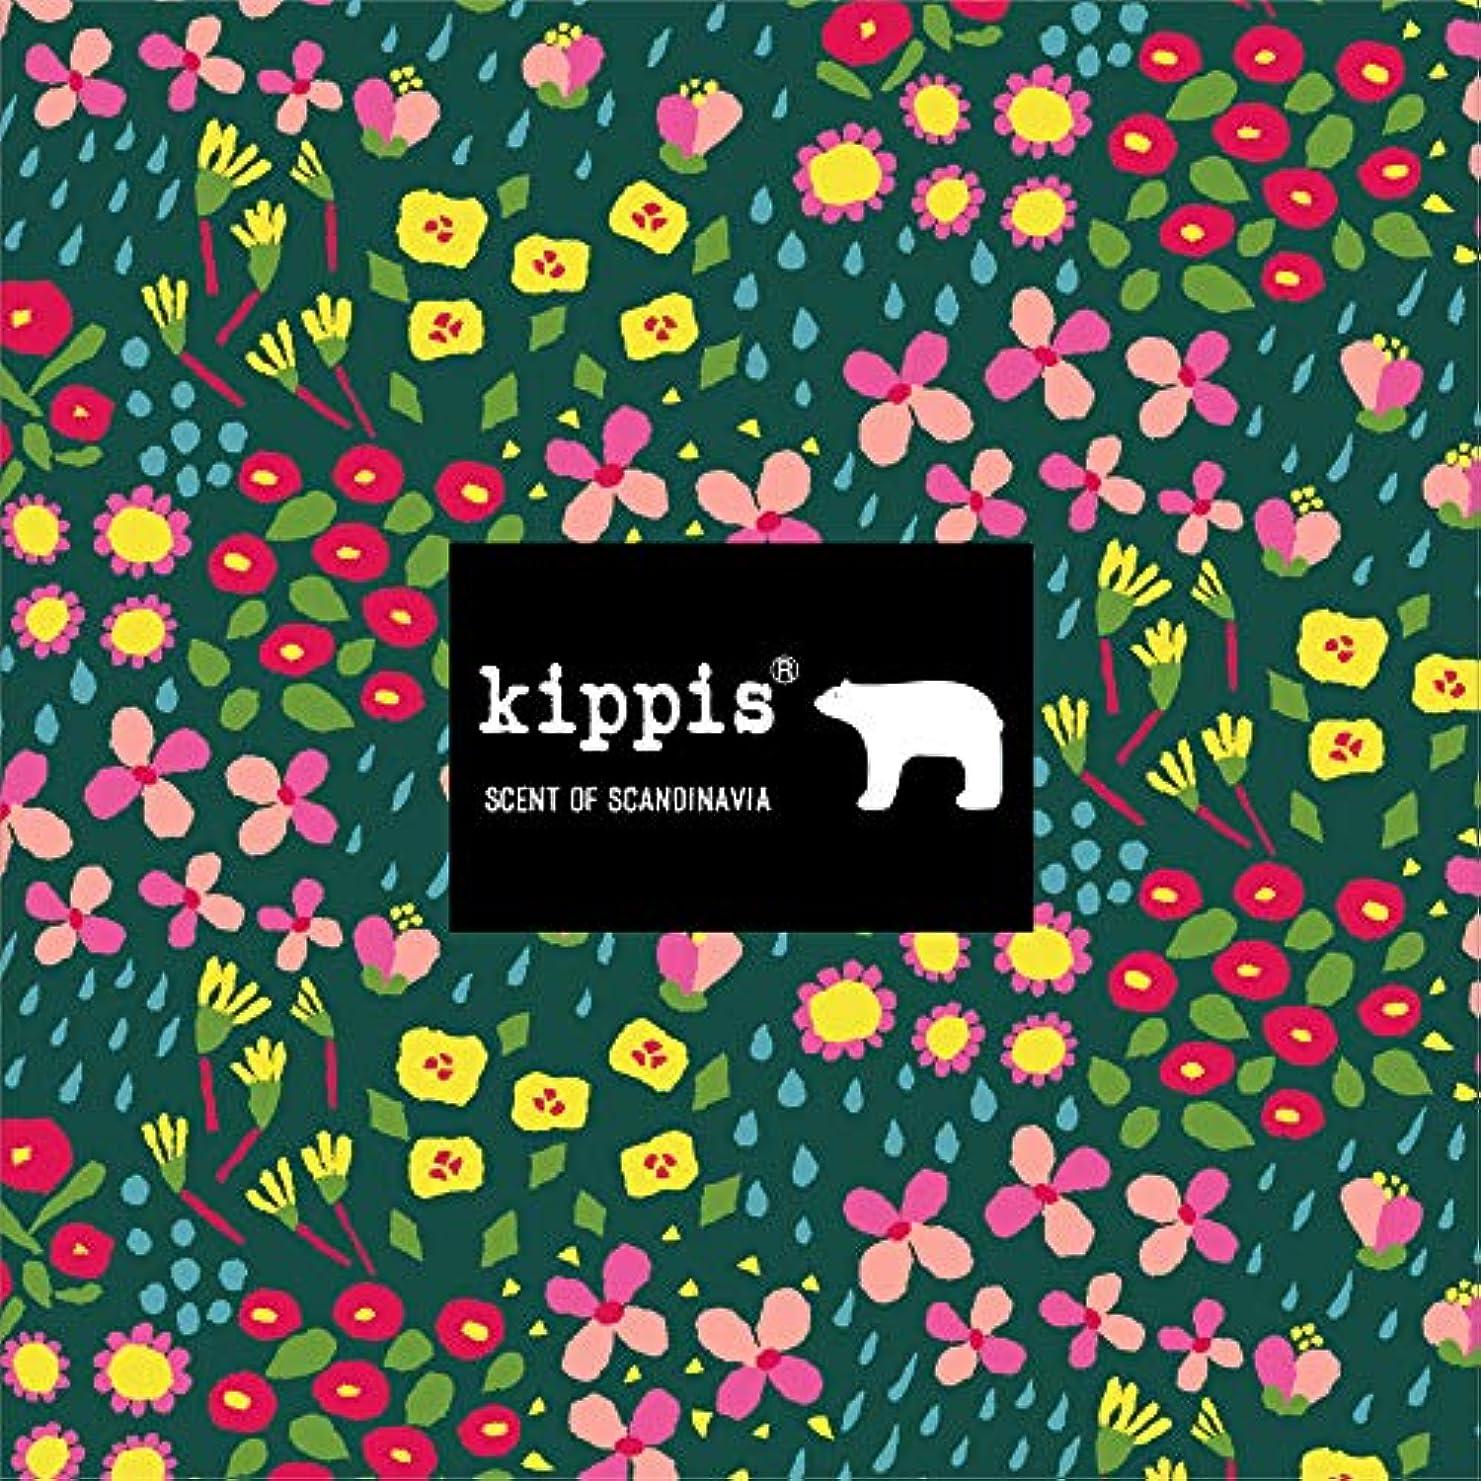 好奇心盛マオリセラフキッピス 髪と肌のトリートメントワックス(風香る森の花々の香り)40g